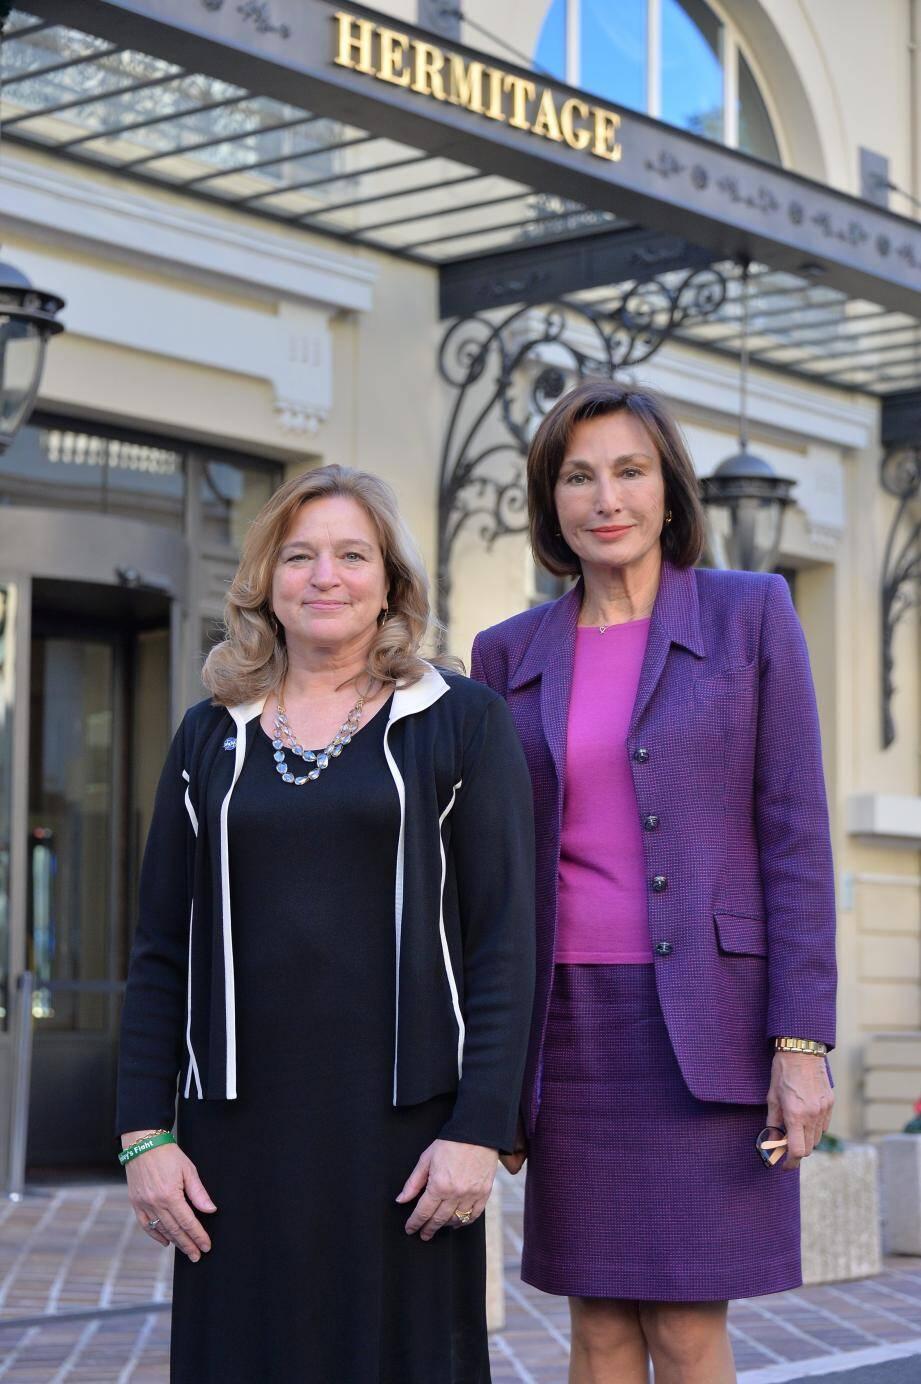 Ellen Stofan, responsable scientifique de la NASA (à gauche), et Maguy Maccario Doyle, l'ambassadeur de Monaco aux États-Unis et au Canada, qui a organisé la conférence.